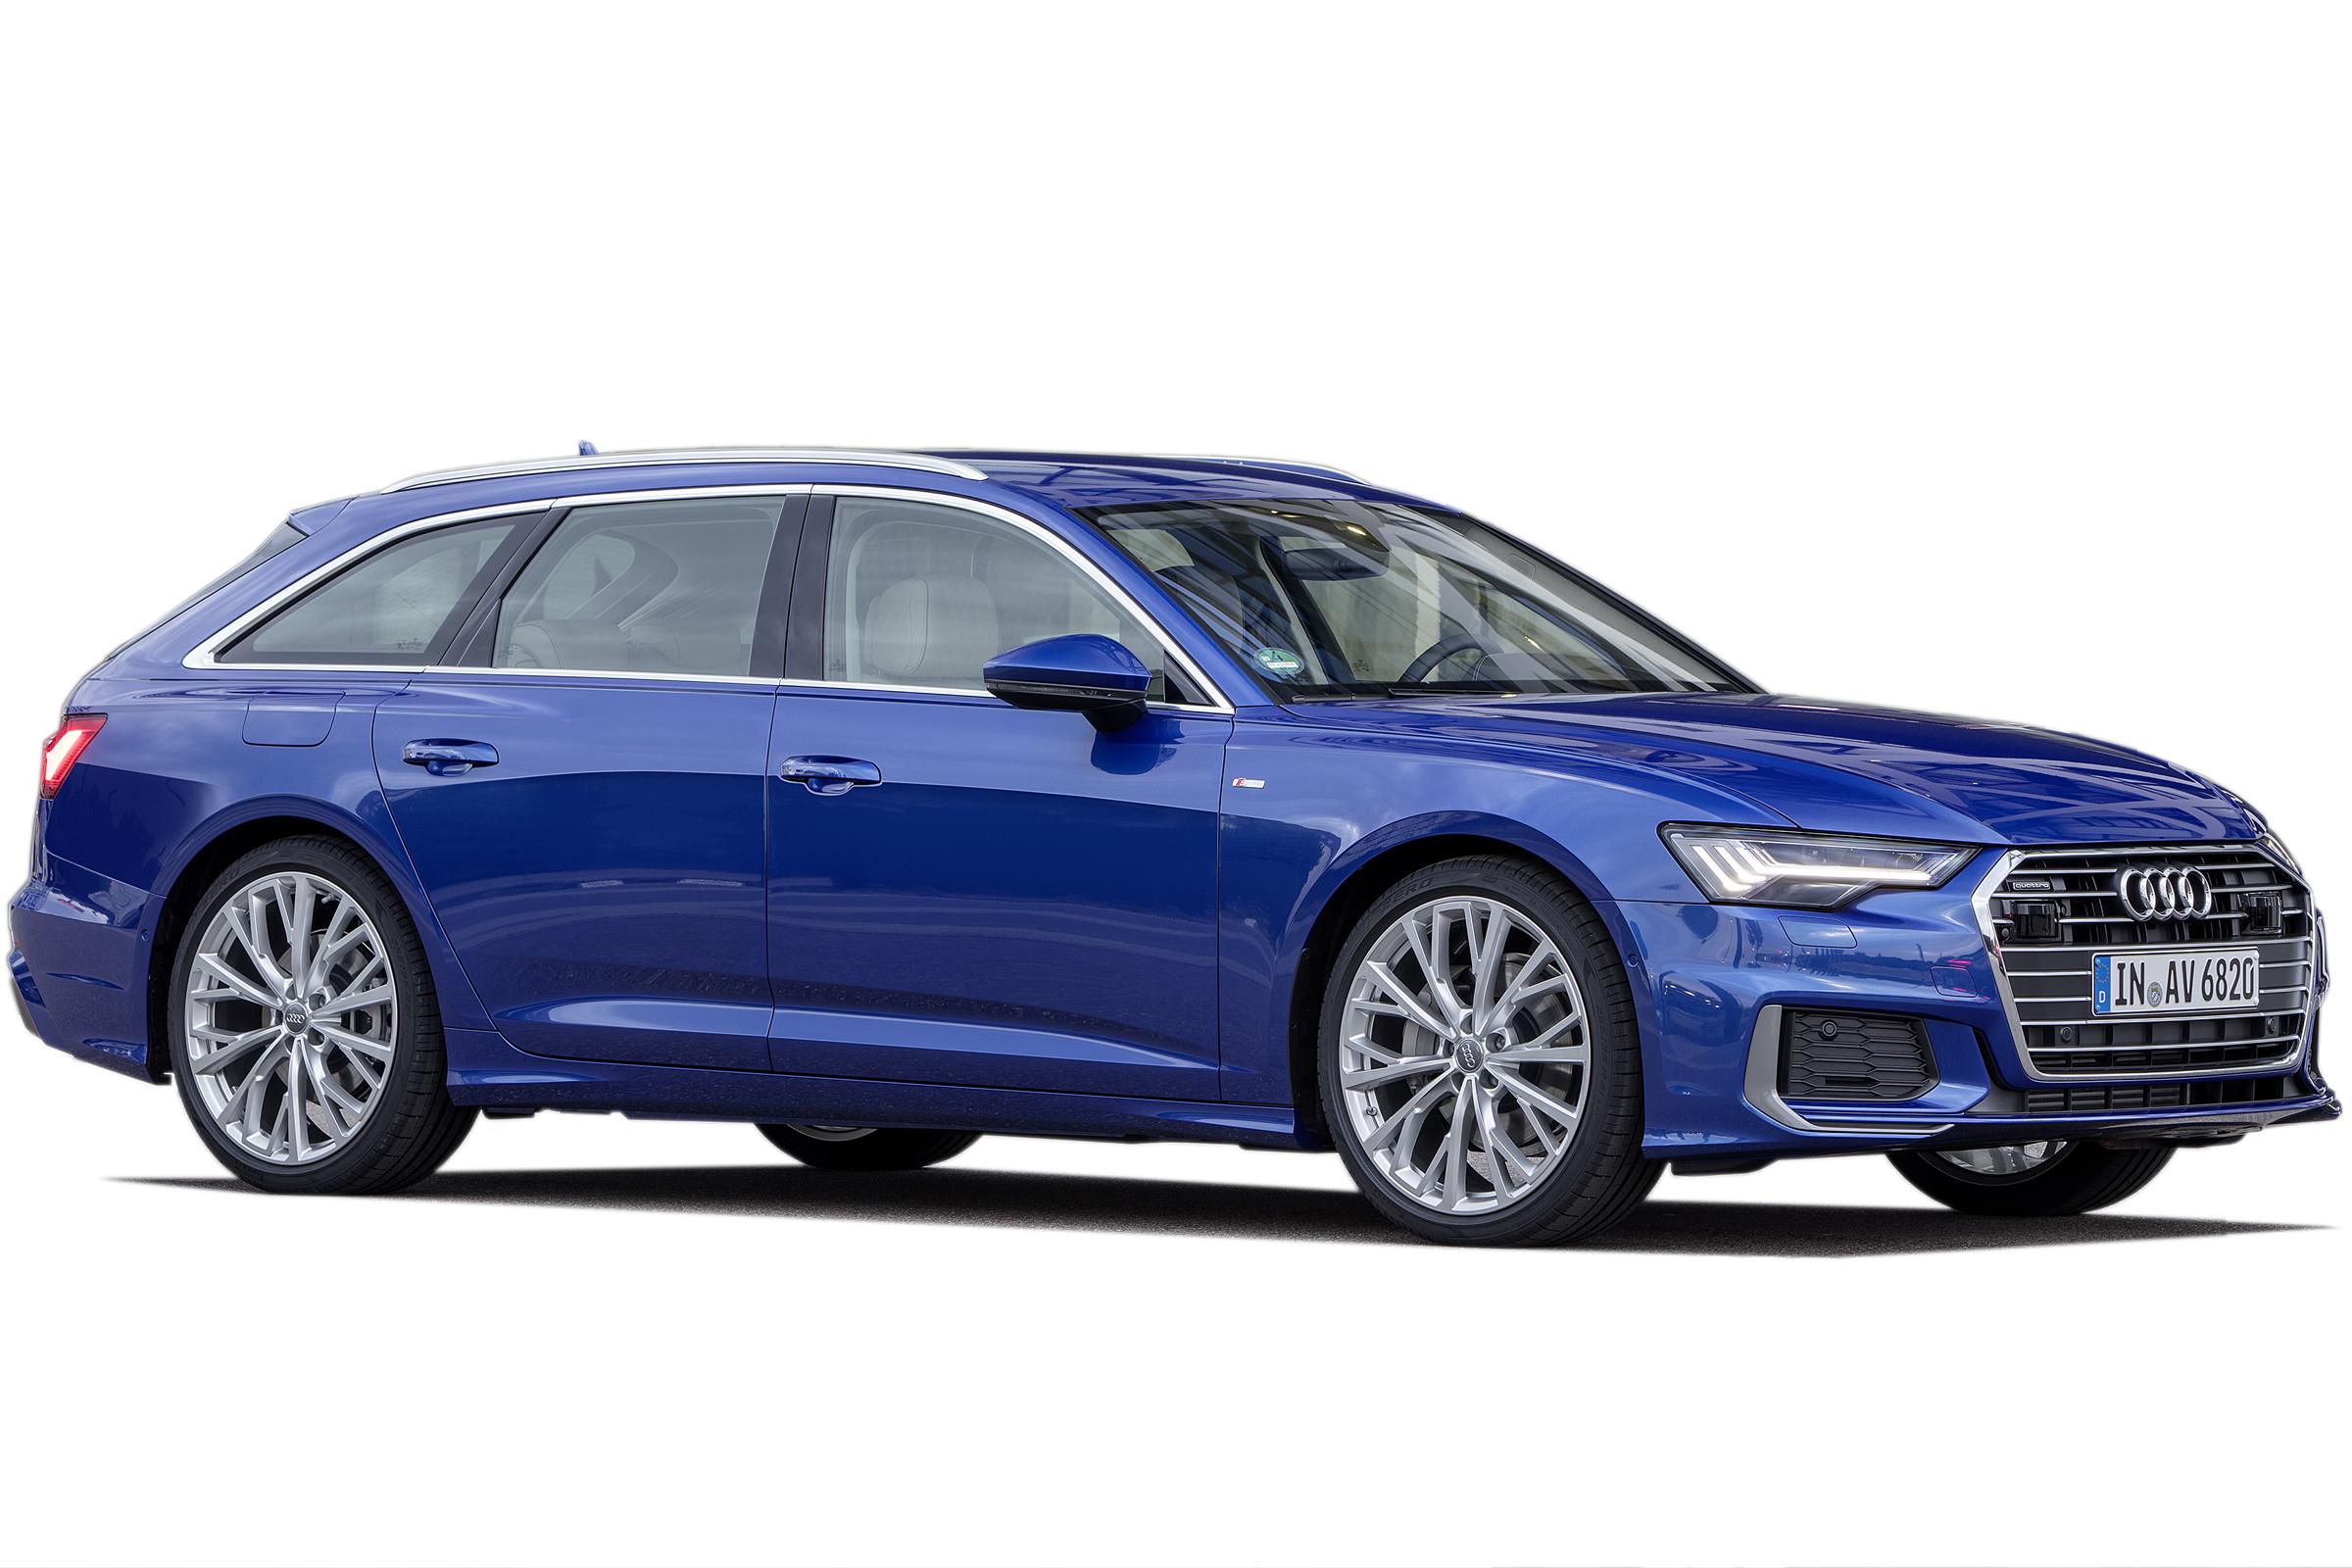 Audi A6 Avant Estate 2020 Review Carbuyer